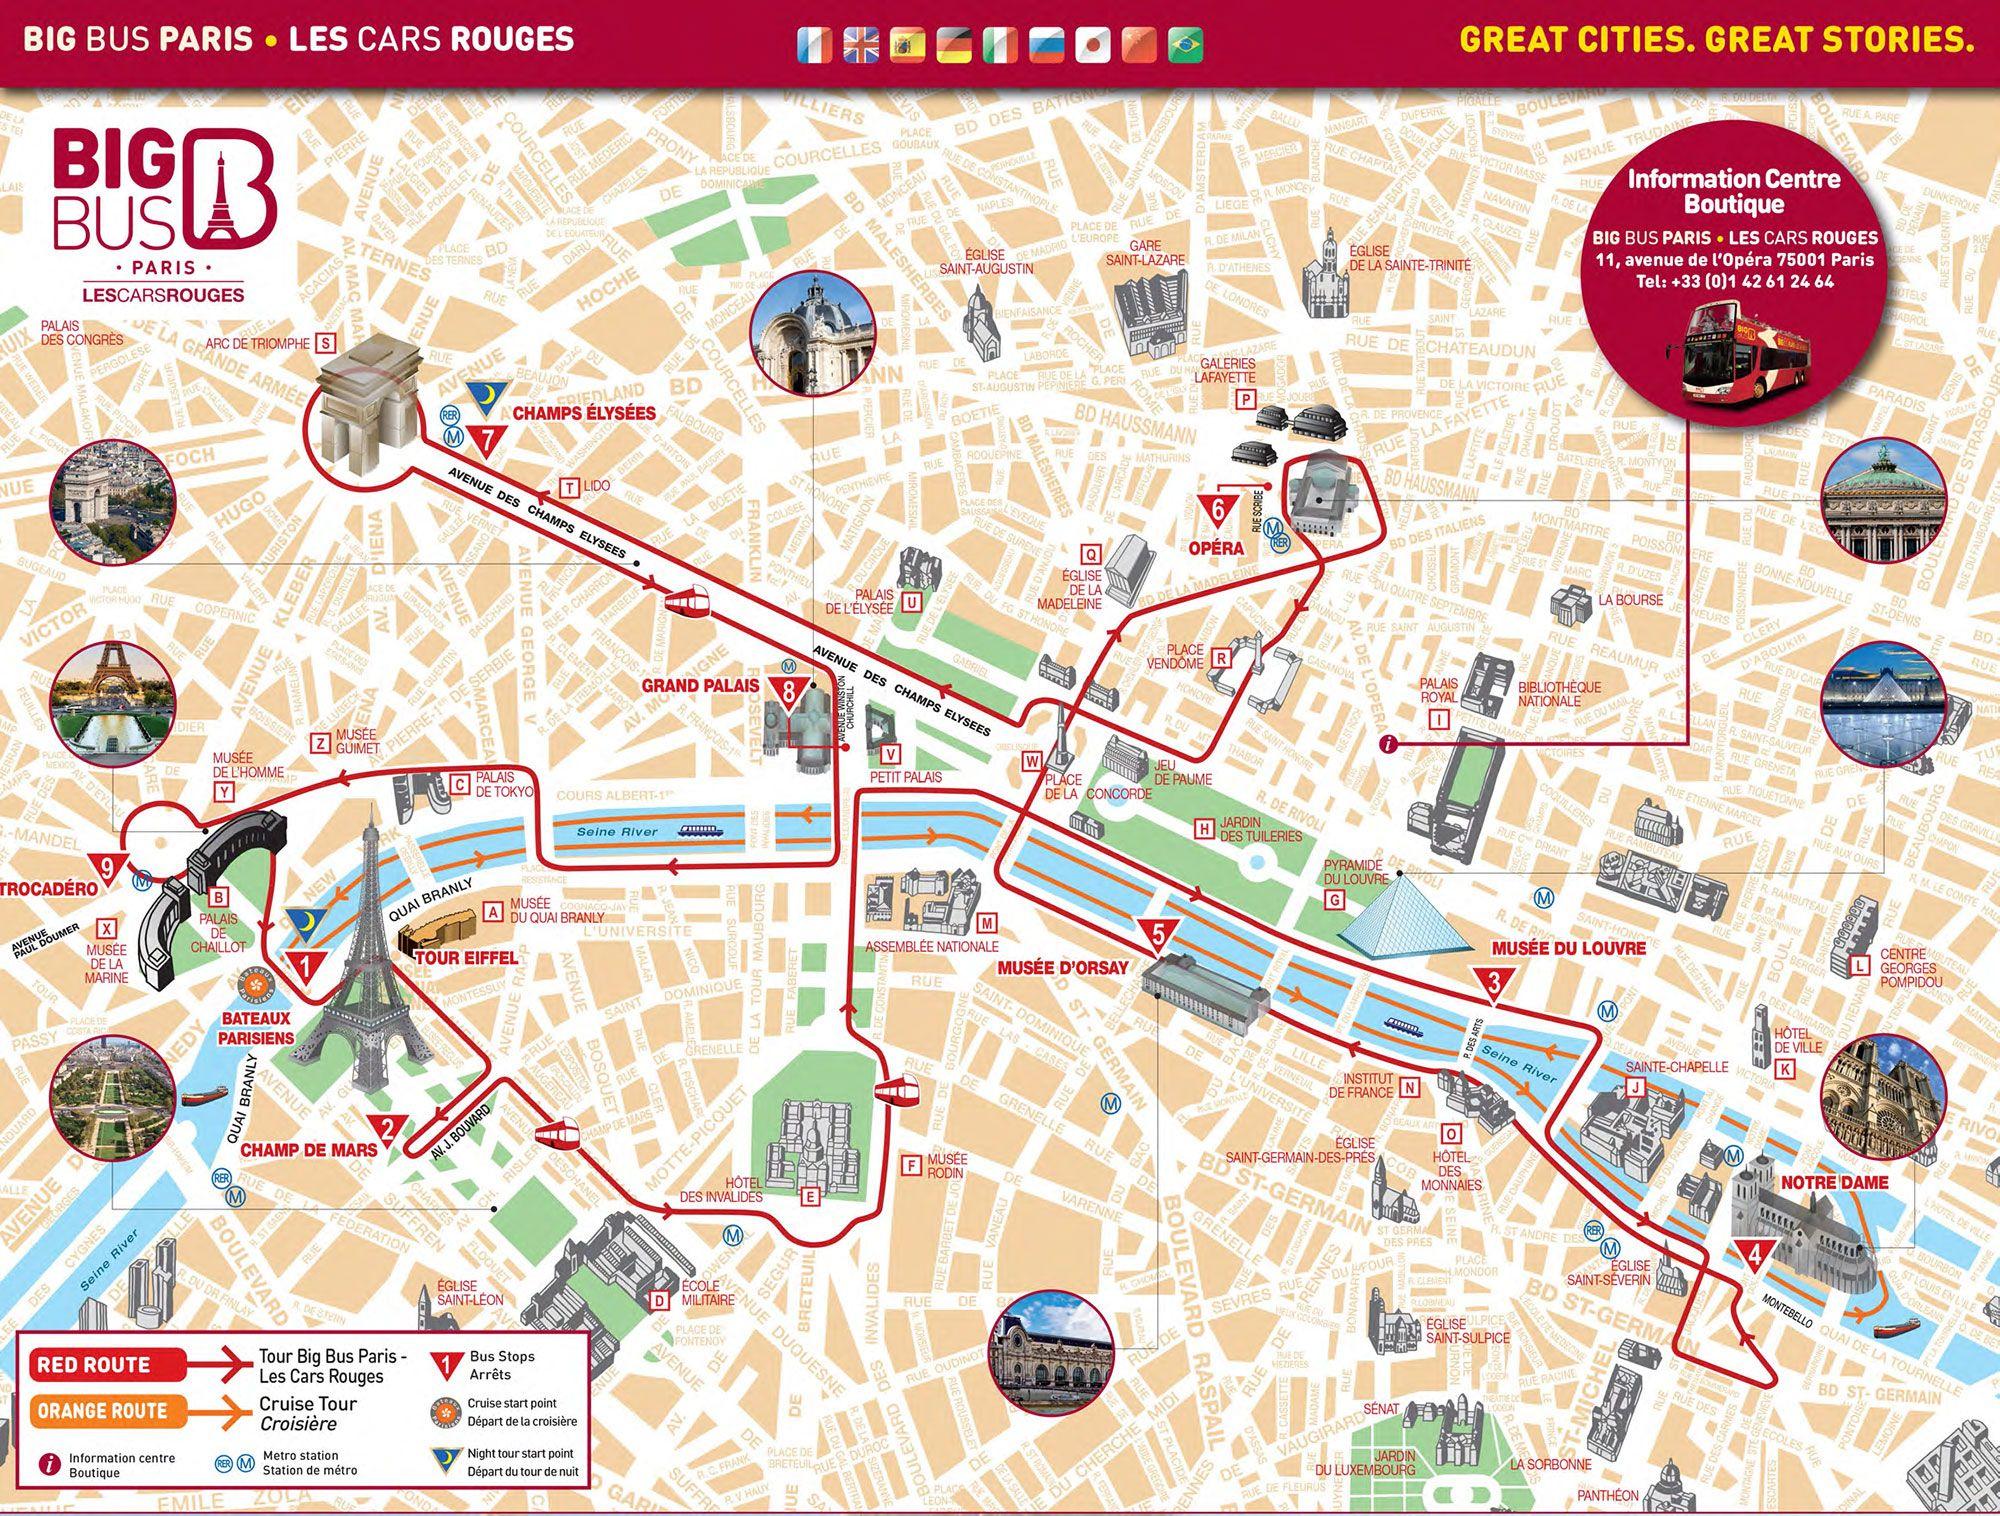 Map Of Paris Hop On Hop Off Bus Tour With Big Bus Les Cars Rouges Paris Tourist Attractions Paris Tourist Paris Sightseeing Map